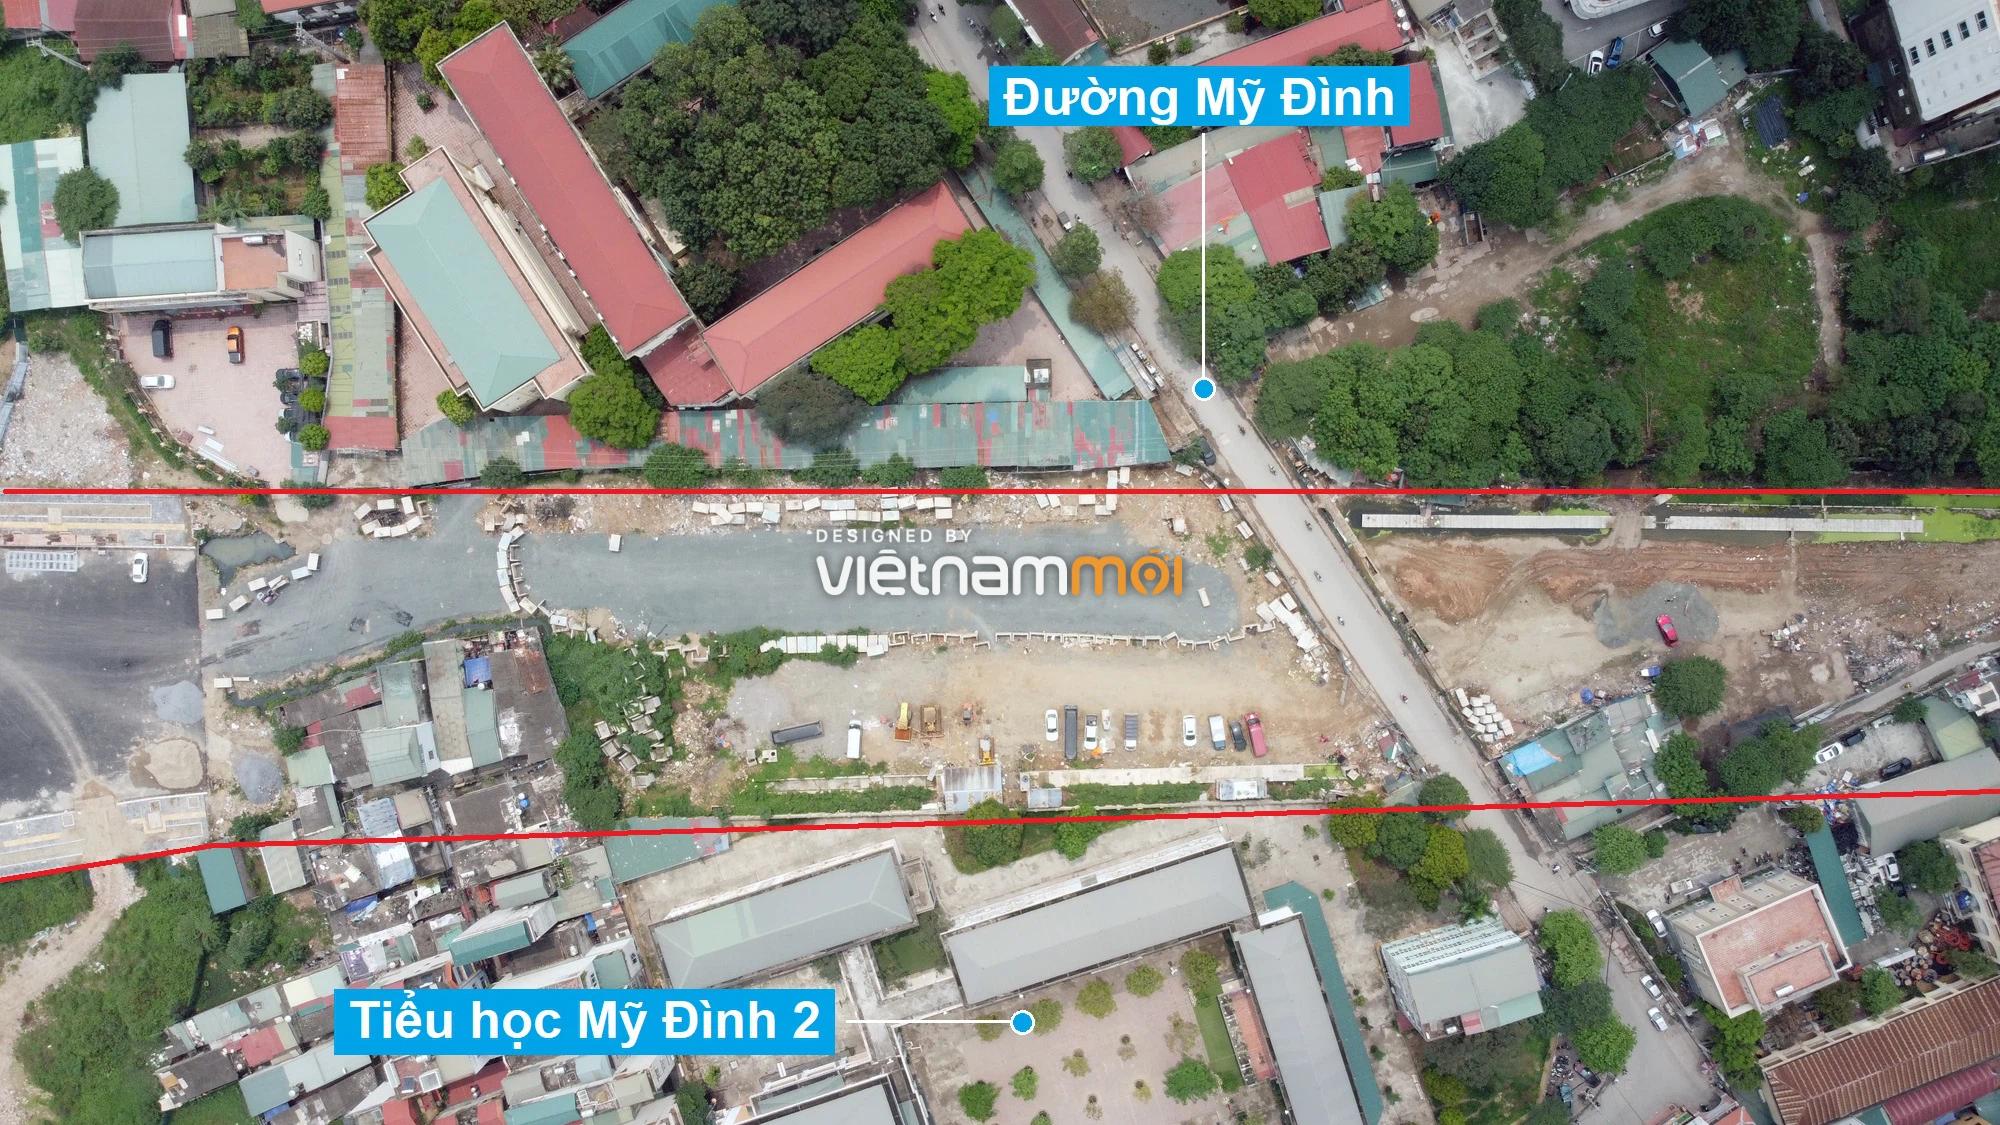 Những khu đất sắp thu hồi để mở đường ở phường Mỹ Đình 2, Nam Từ Liêm, Hà Nội (phần 1) - Ảnh 4.